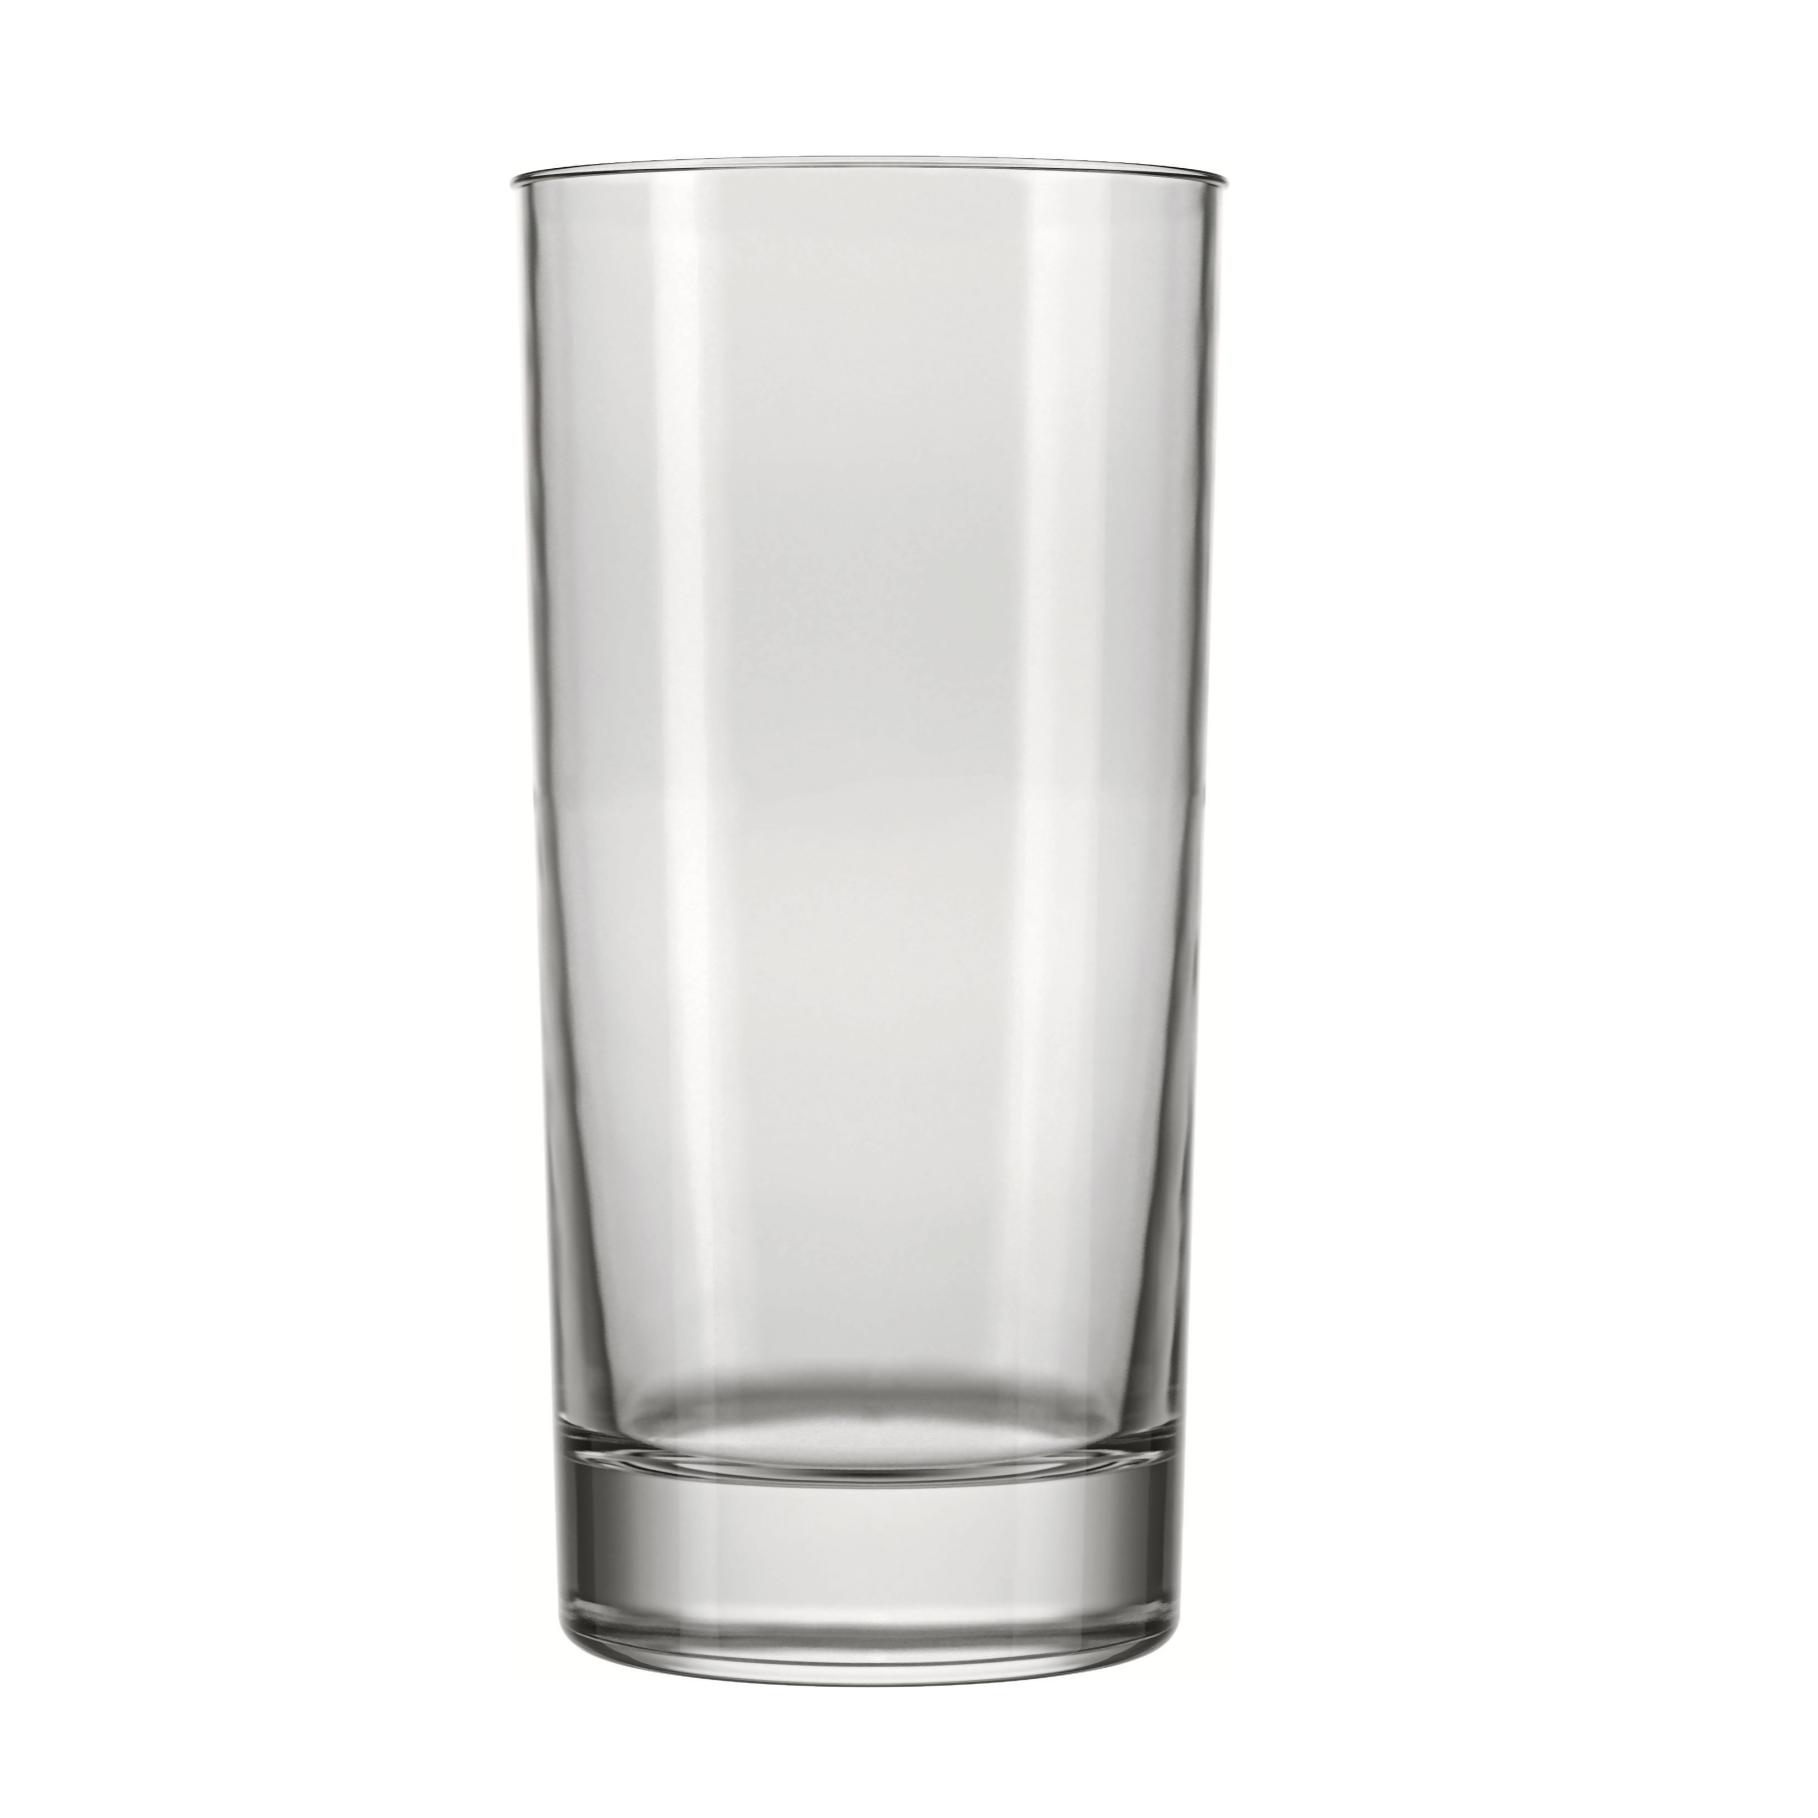 Copo Long Drink de Vidro 320ml Transparente - Atol Nadir